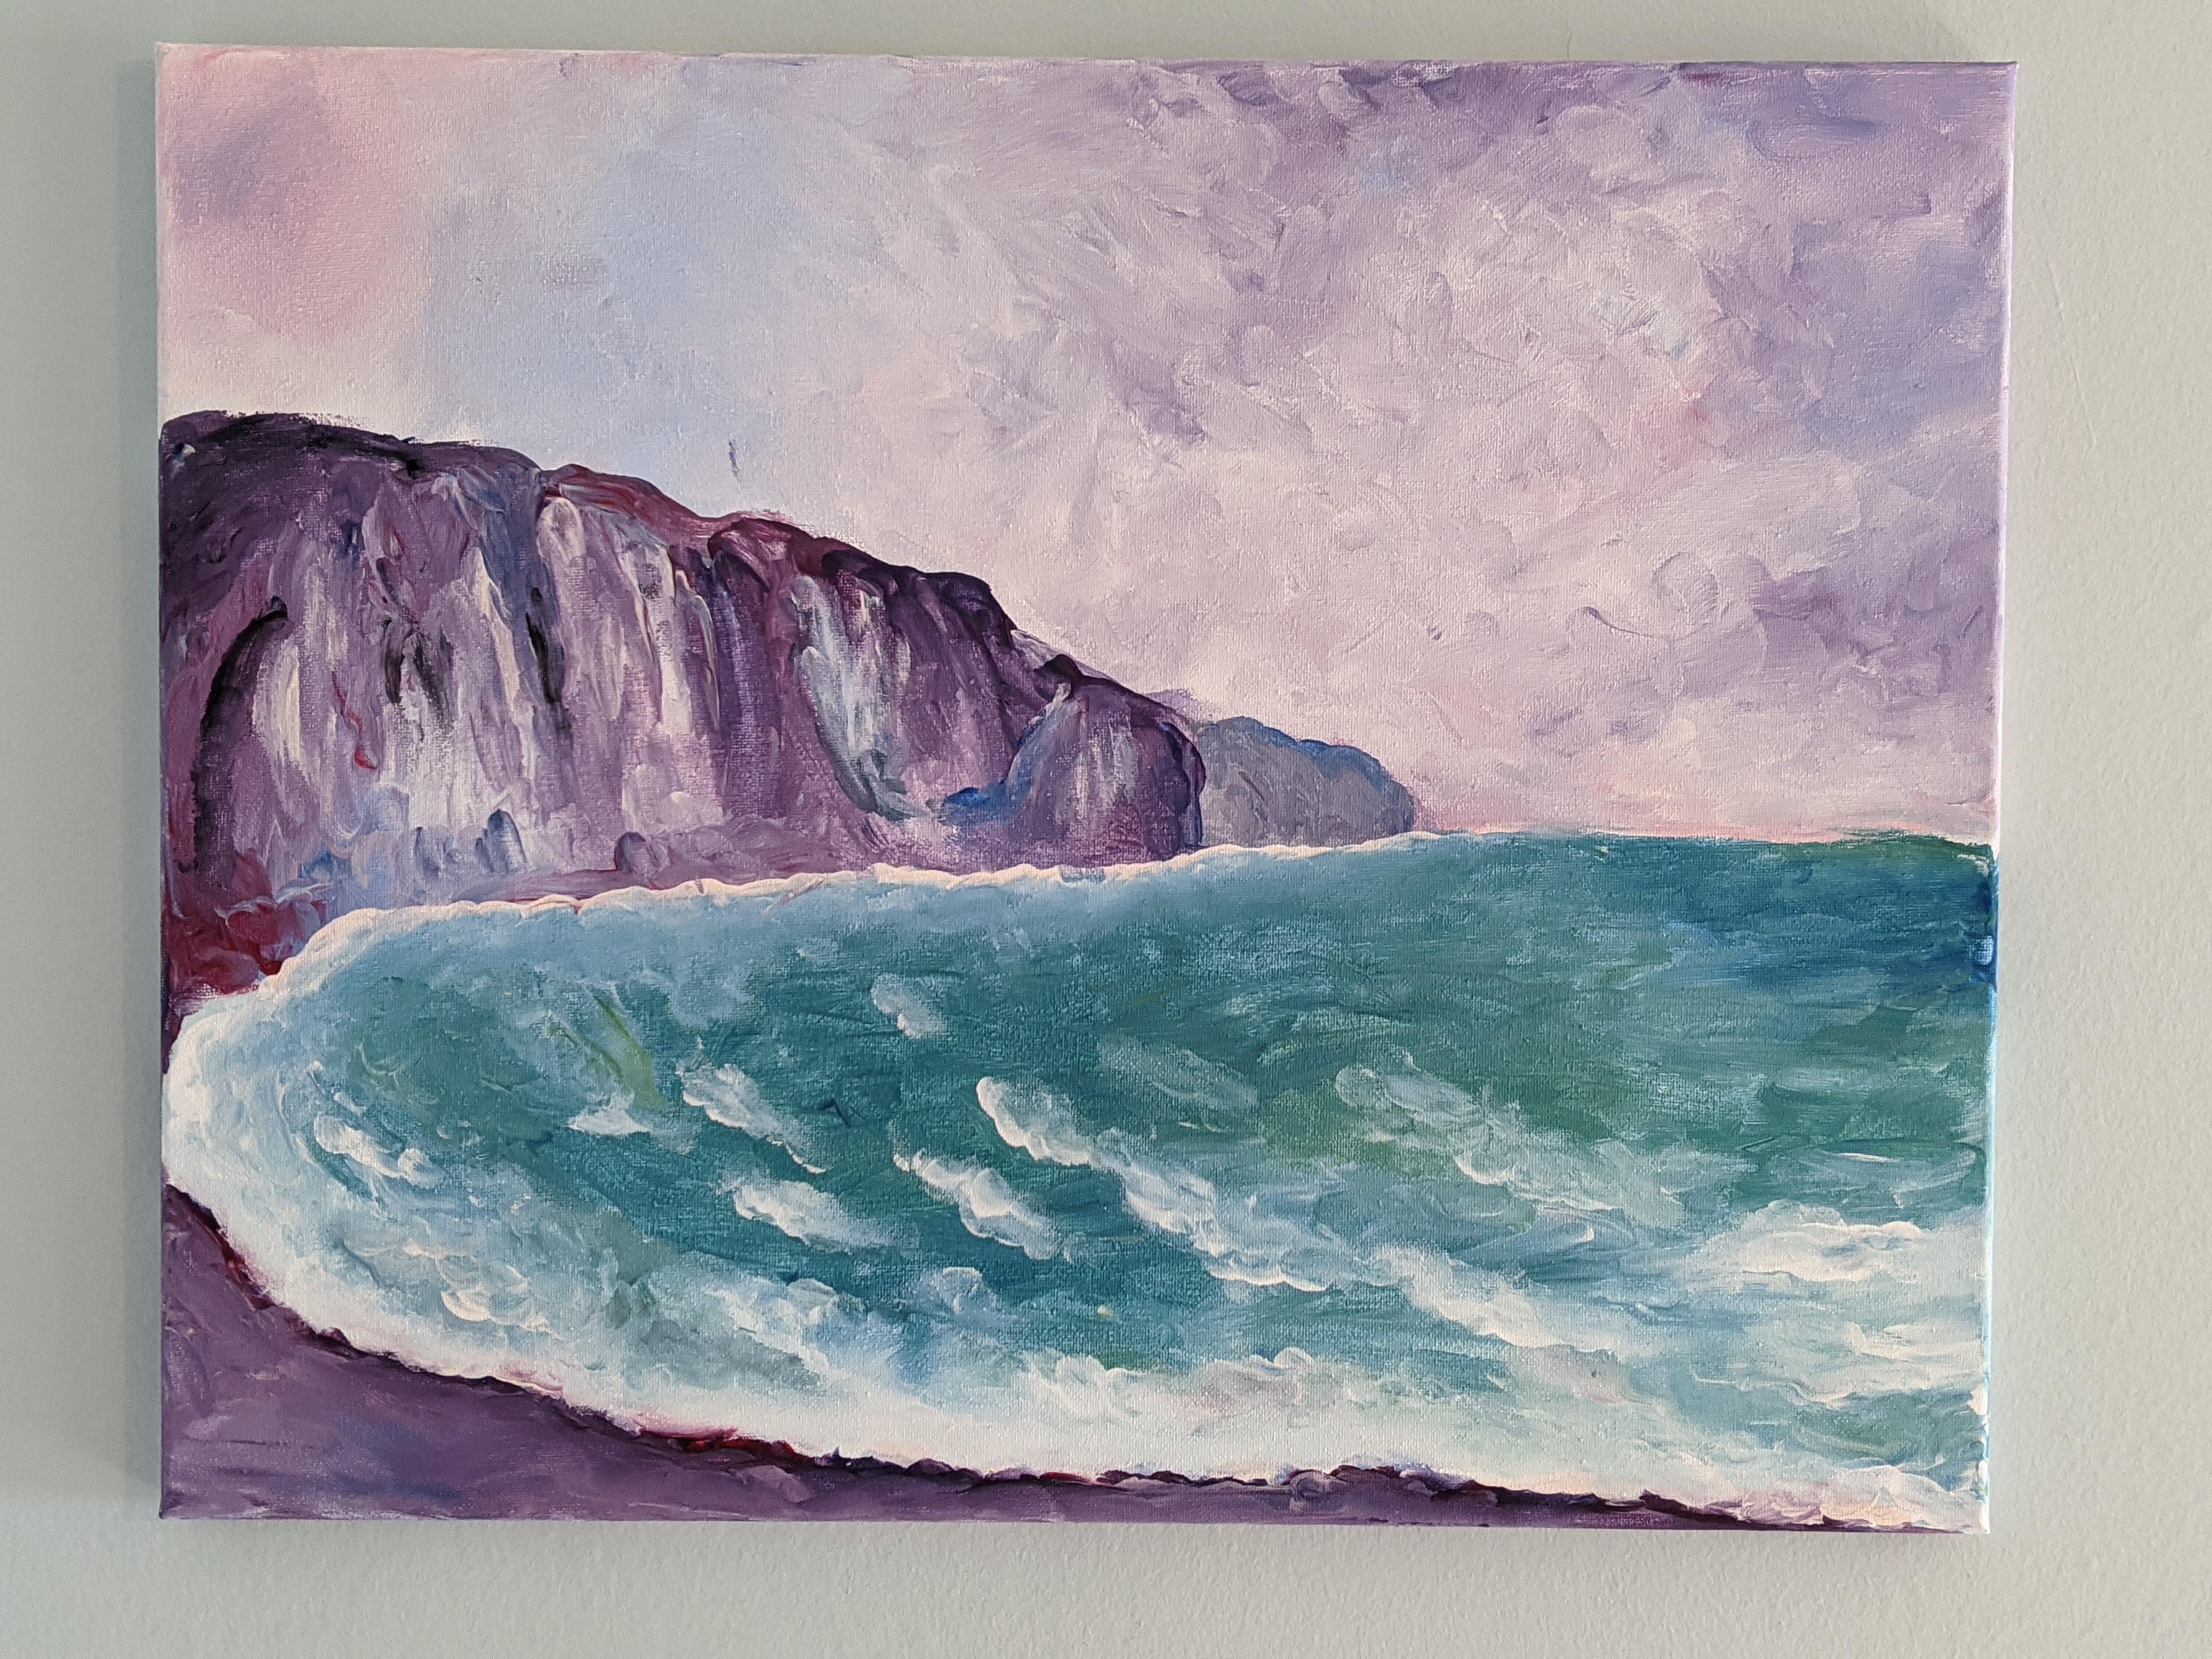 Finger Painting: Monet's Cliff at Pourville